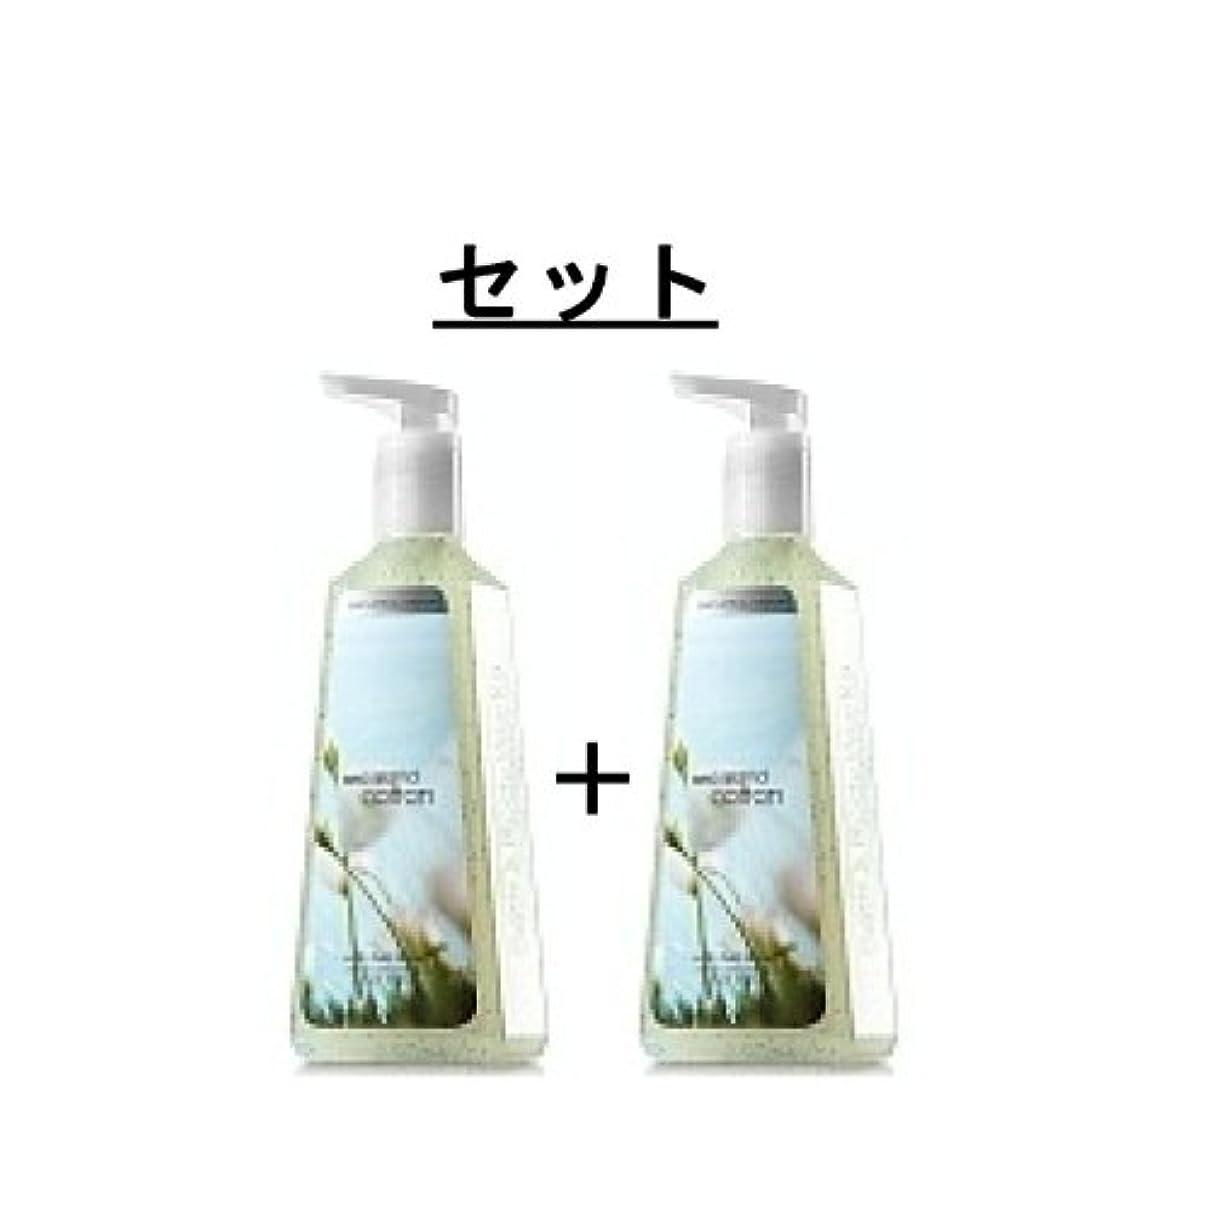 部門山積みの取り囲むBath & Body Works Sea Island Cotton Antibacterial Deep Cleansing Hand Soap Set of 2 シーアイランドコットン【並行輸入品】